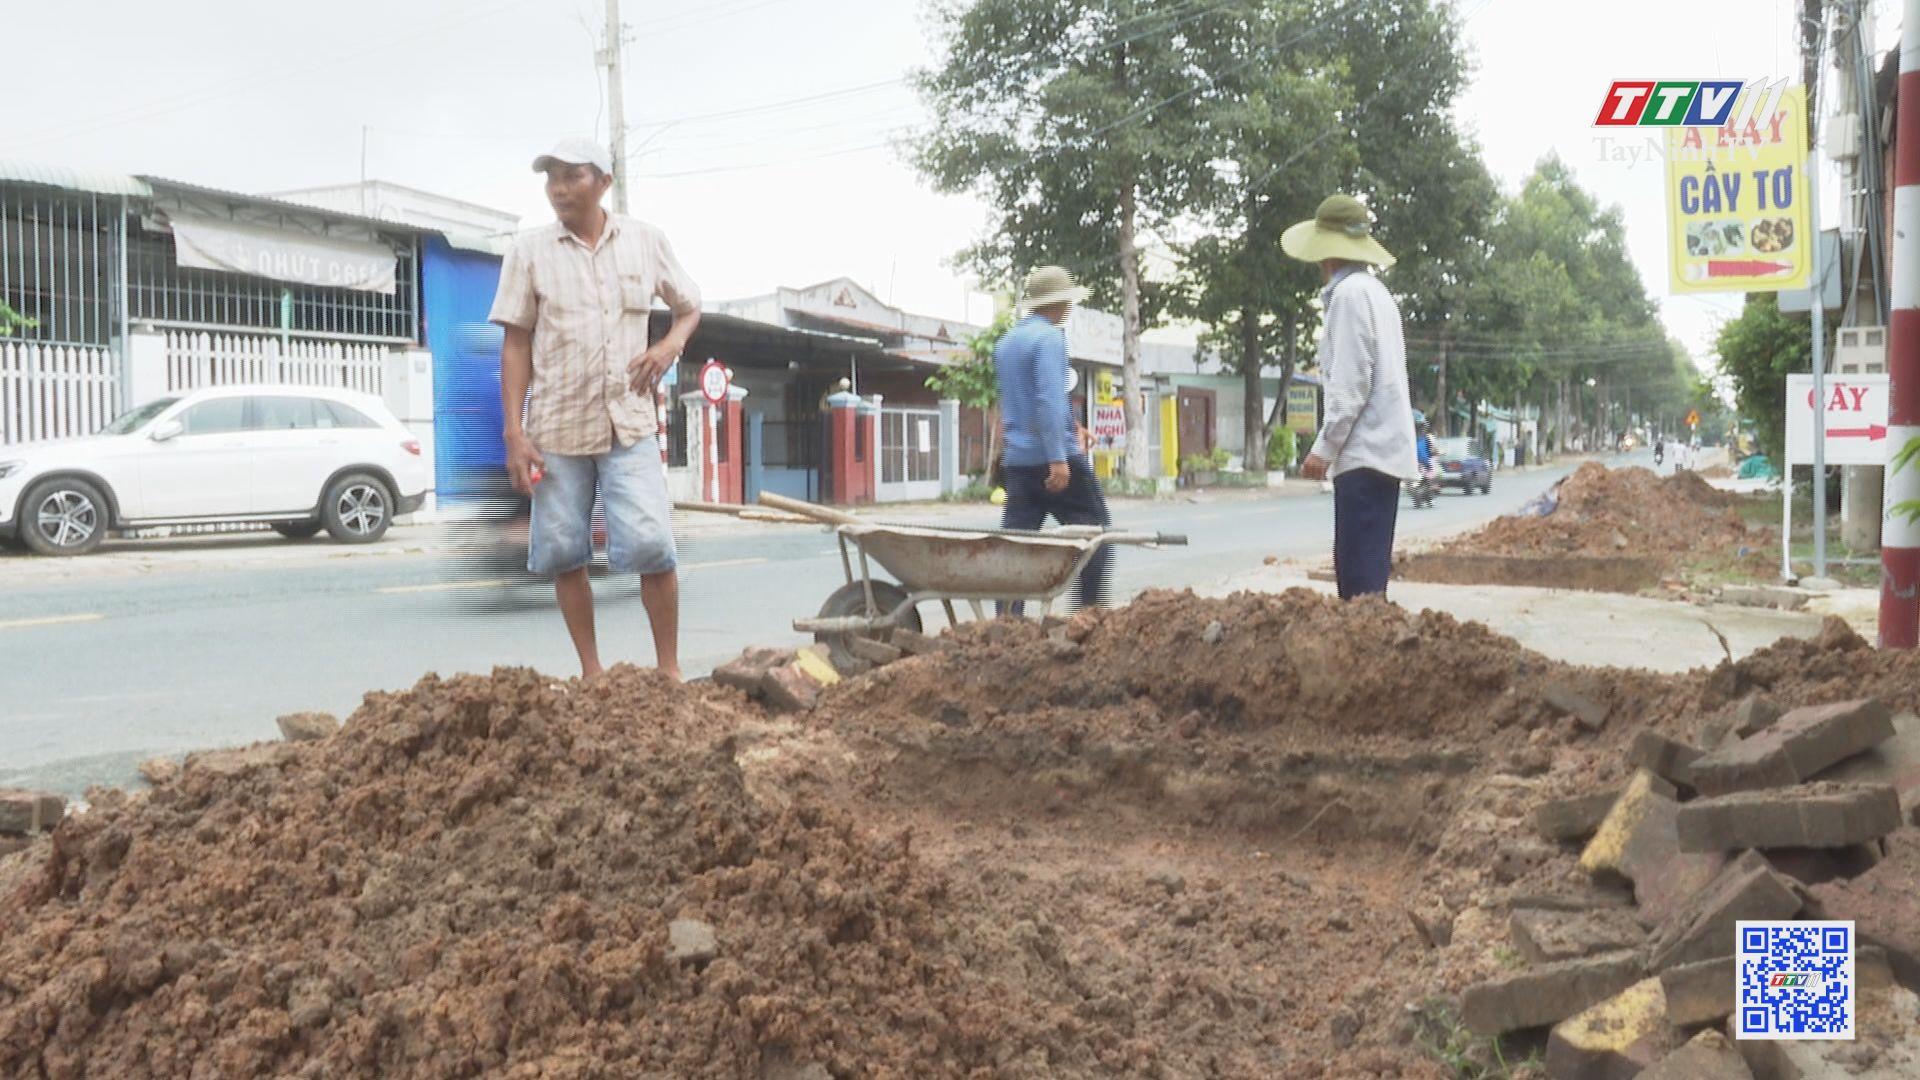 Cử tri góp ý cho thành phố về quản lý và chỉnh trang đô thị | TIẾNG NÓI CỬ TRI | TayNinhTV